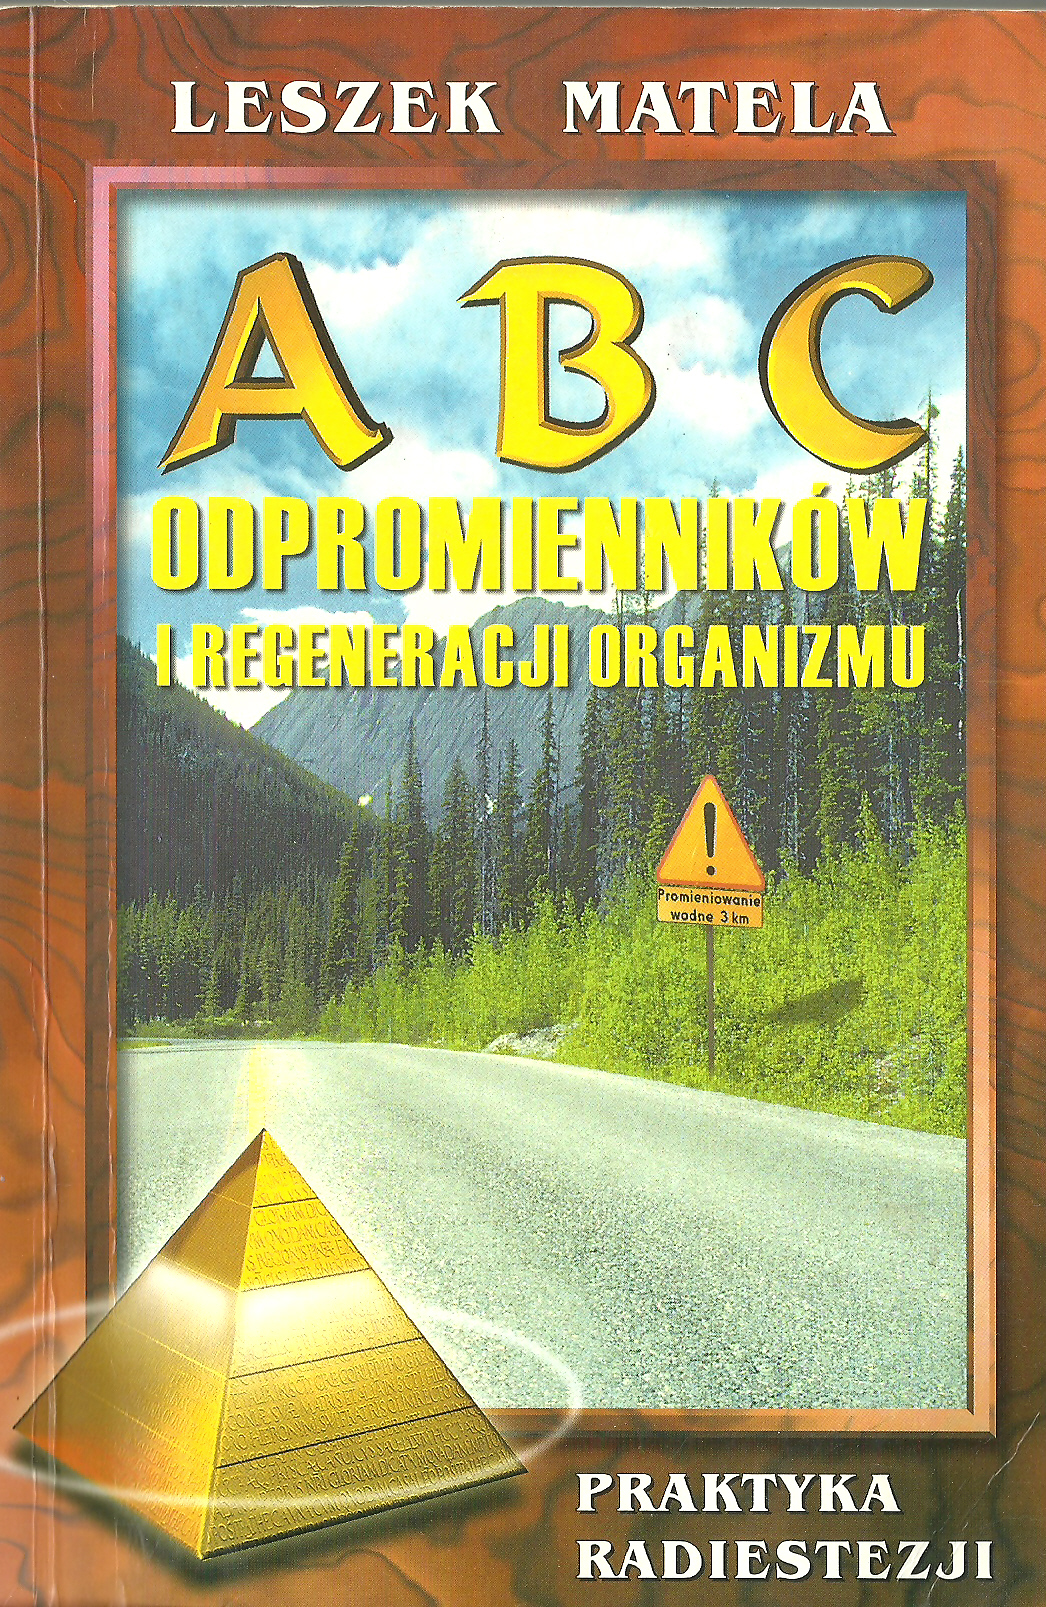 ABC odpromienników iregeneracji organizmu